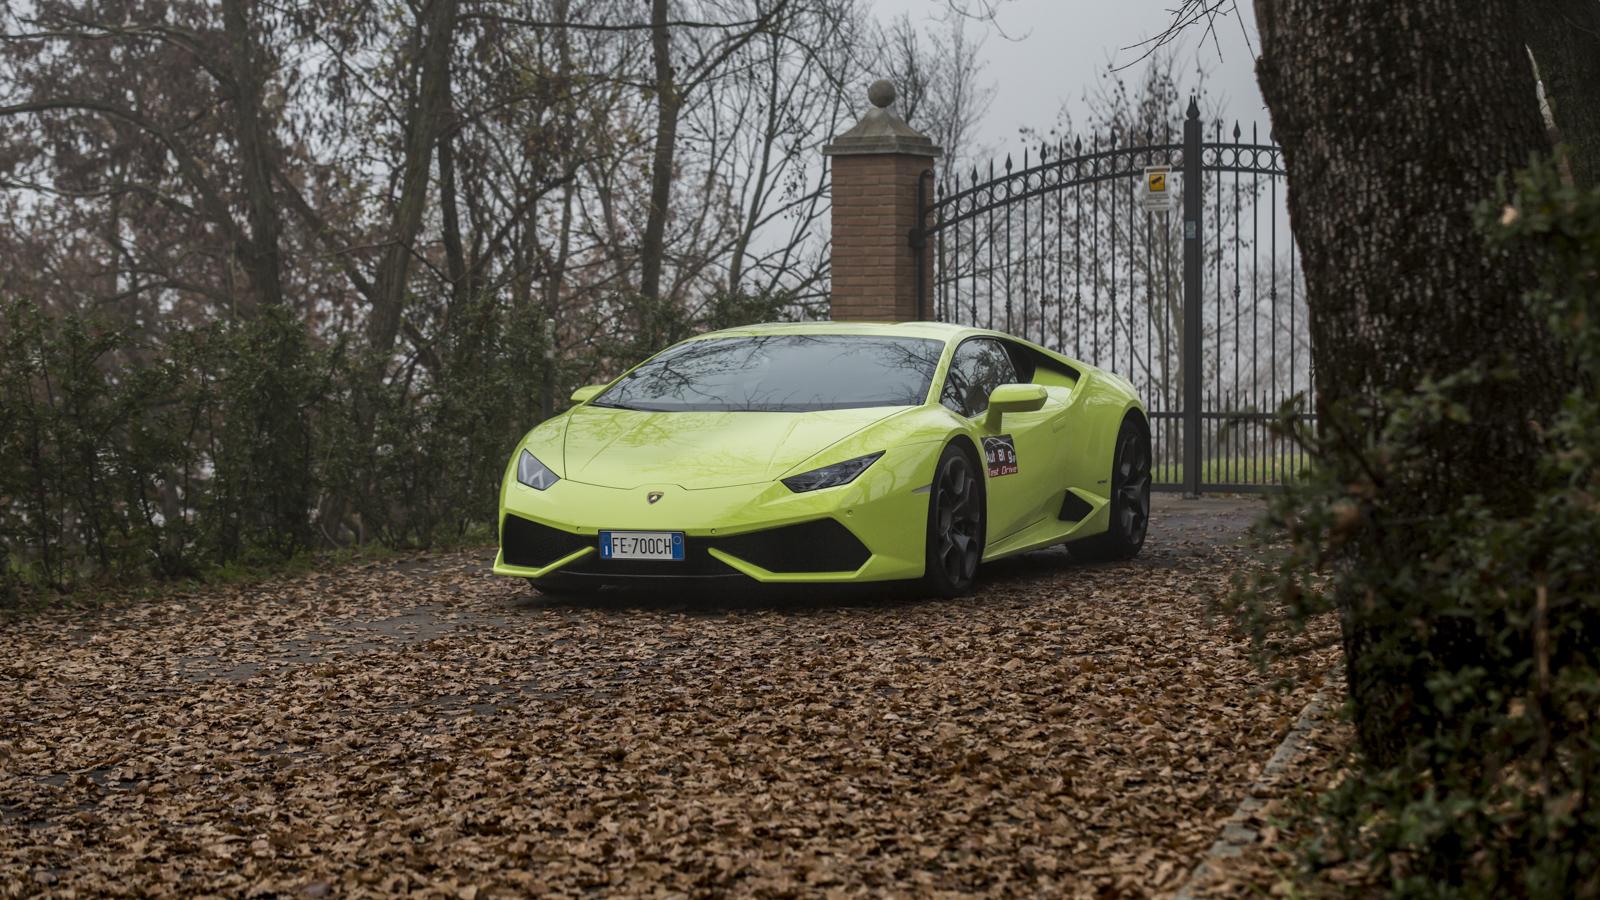 Test_Drive_Lamborghini_Huracan_LP610-4_26